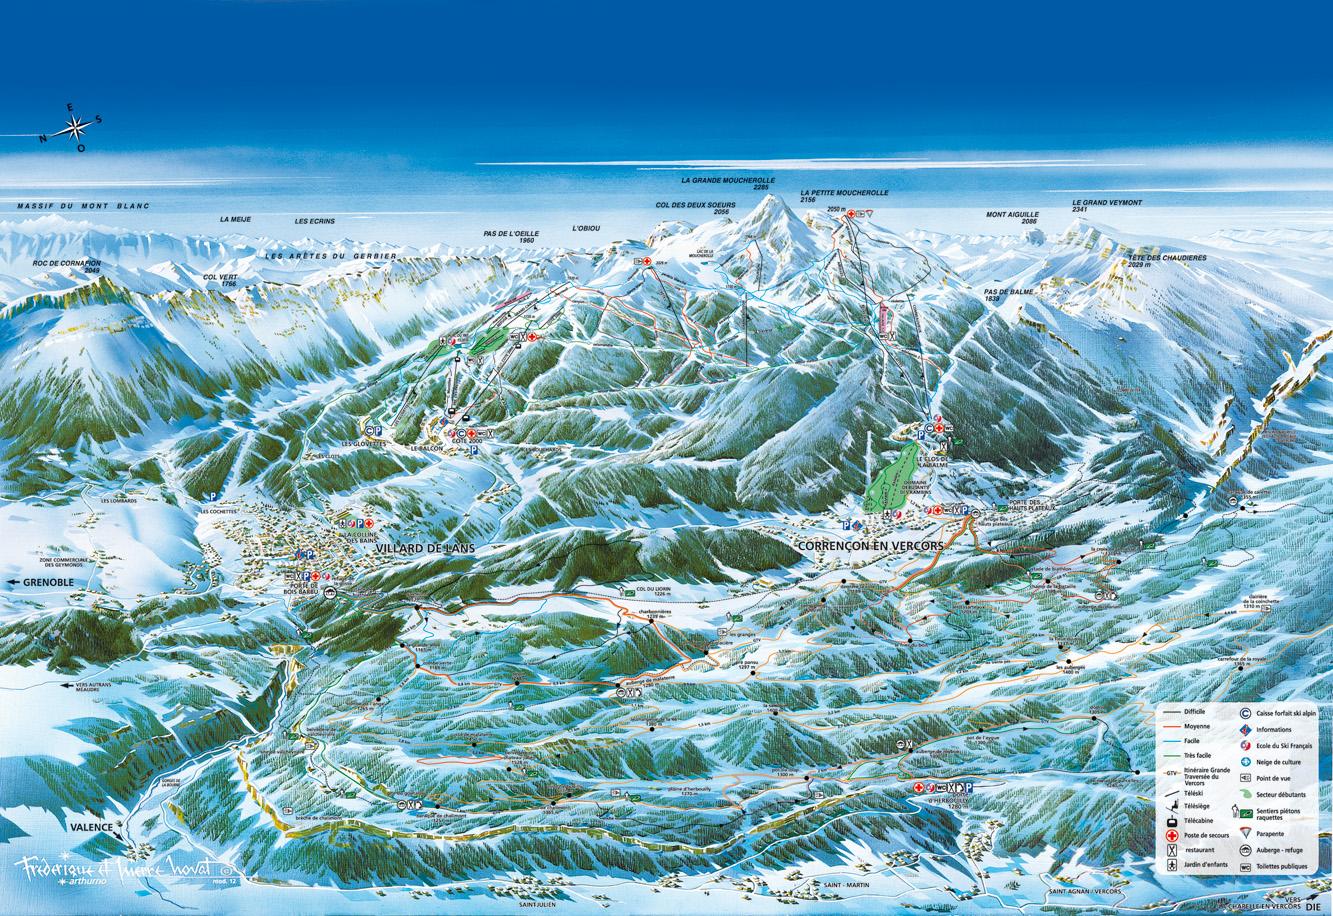 Venez skier a villard de lans studio moderne - Office de tourisme de villard de lans ...